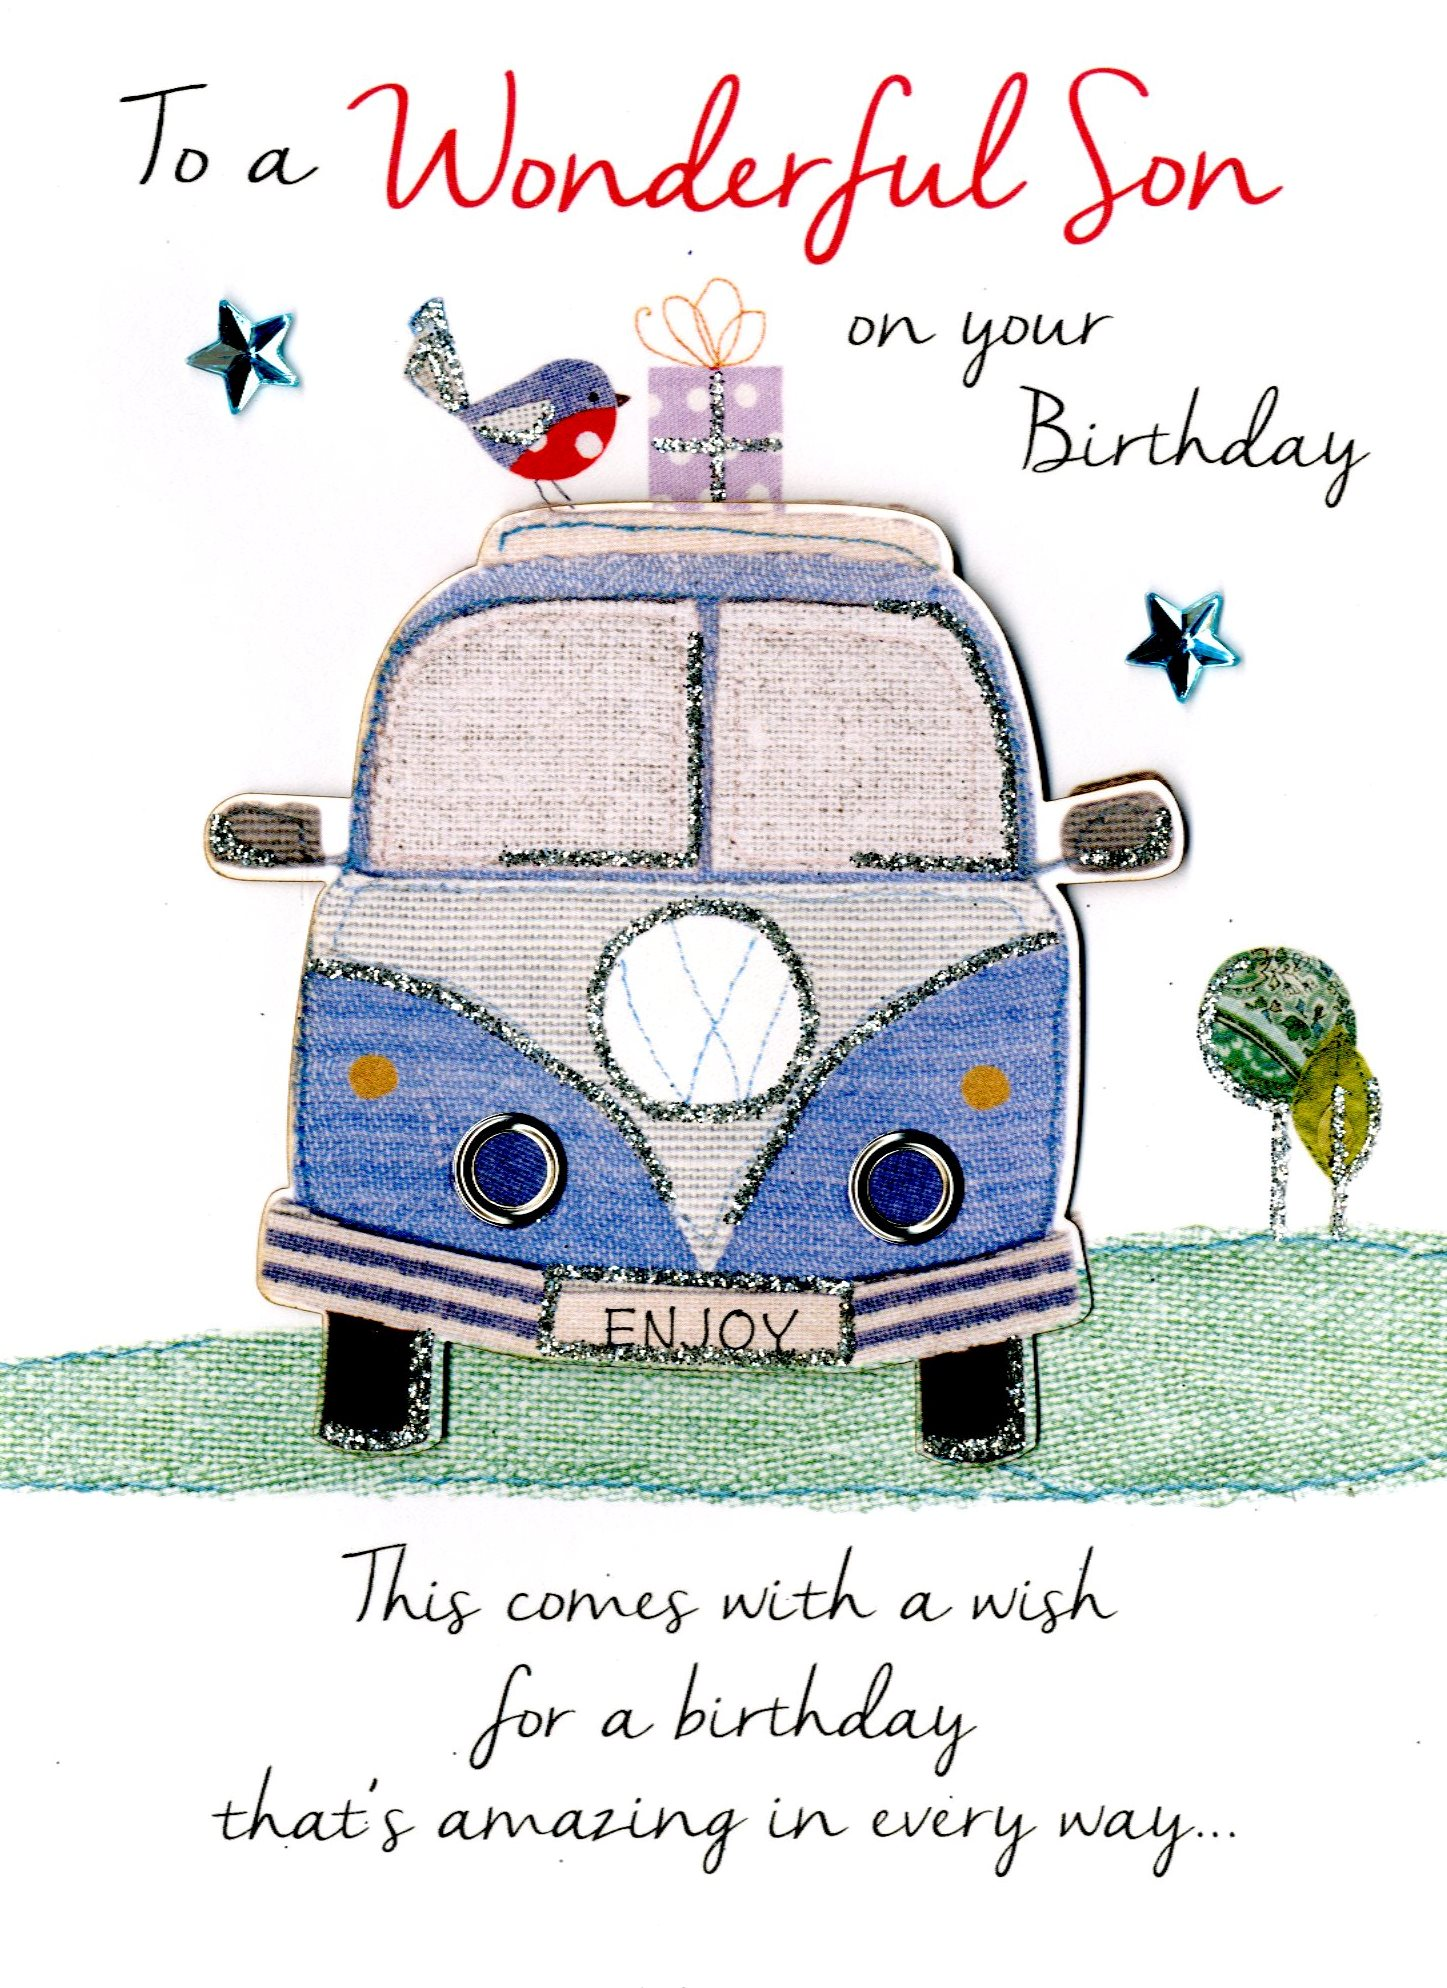 Pleasing Wonderful Son Birthday Greeting Card Cards Funny Birthday Cards Online Alyptdamsfinfo